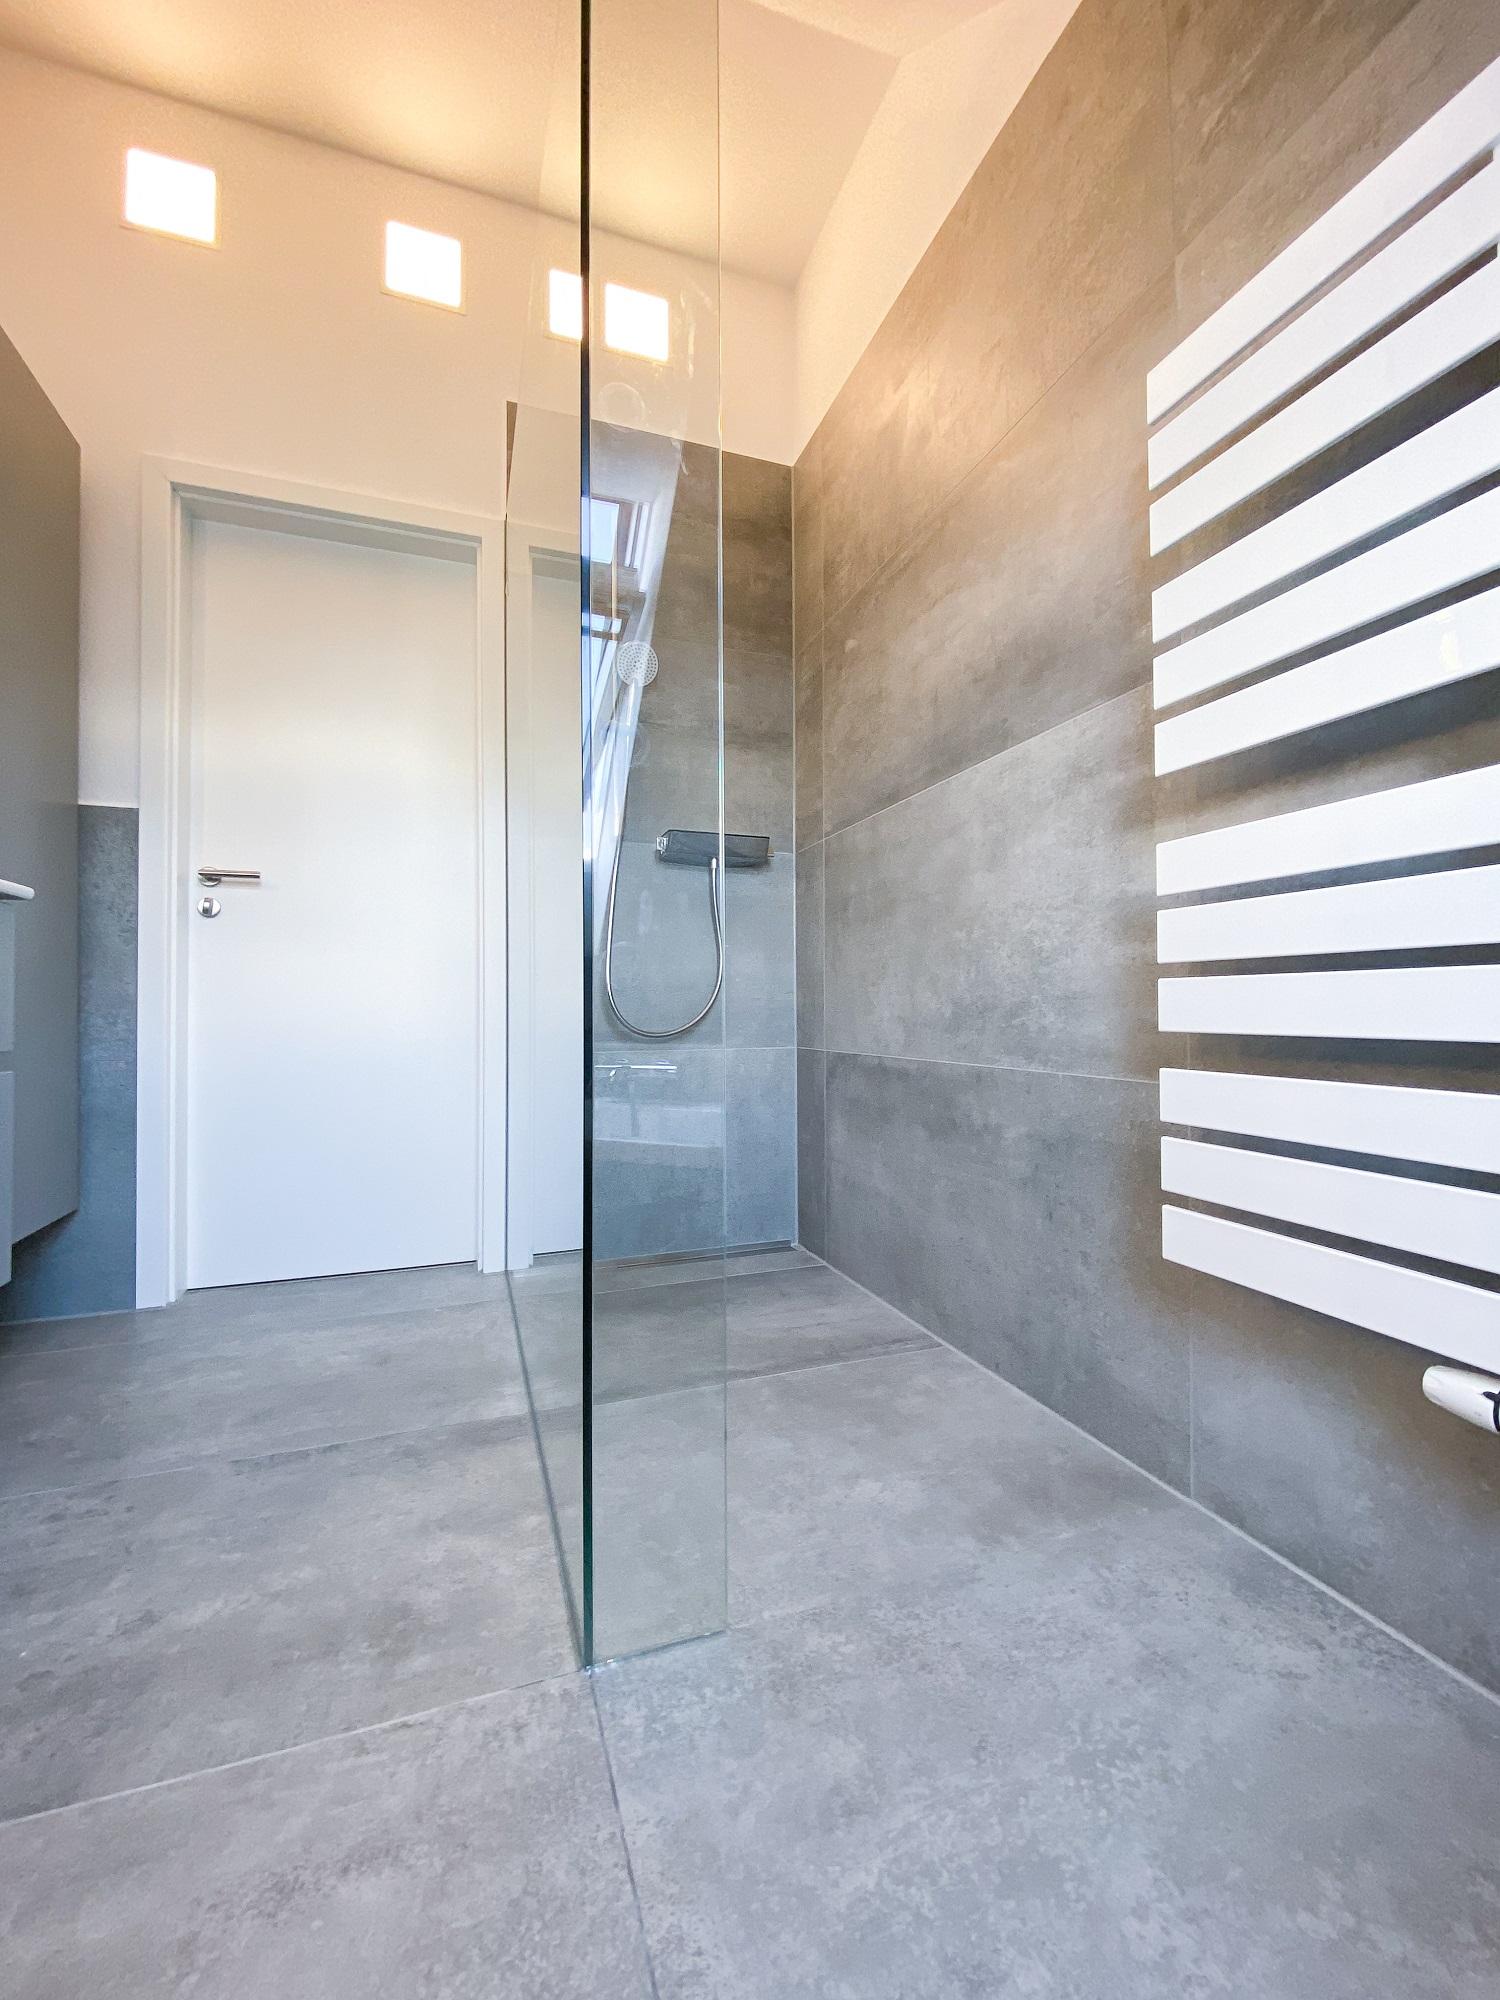 Referenzbild Ergebnis Blick auf Dusche, Tür